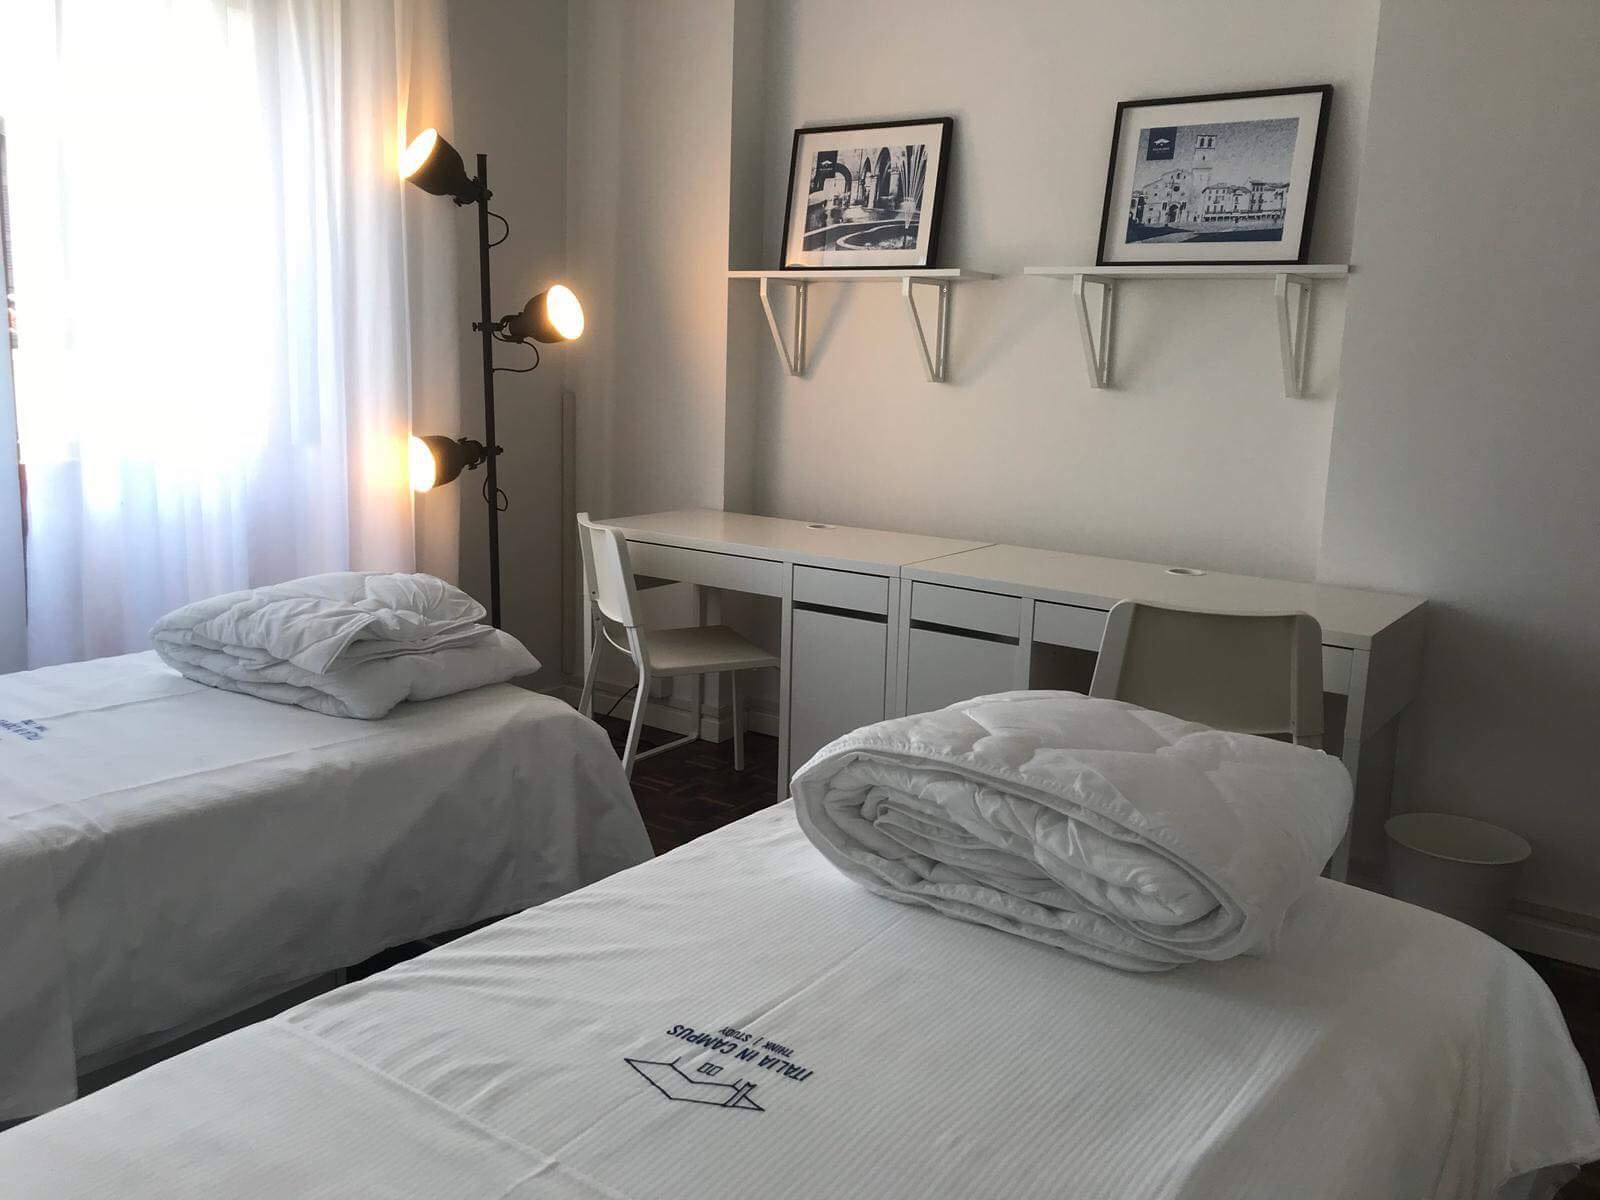 Camere Da Letto Lodi casa universitaria lodi - 10 posti via cesare battisti - rif